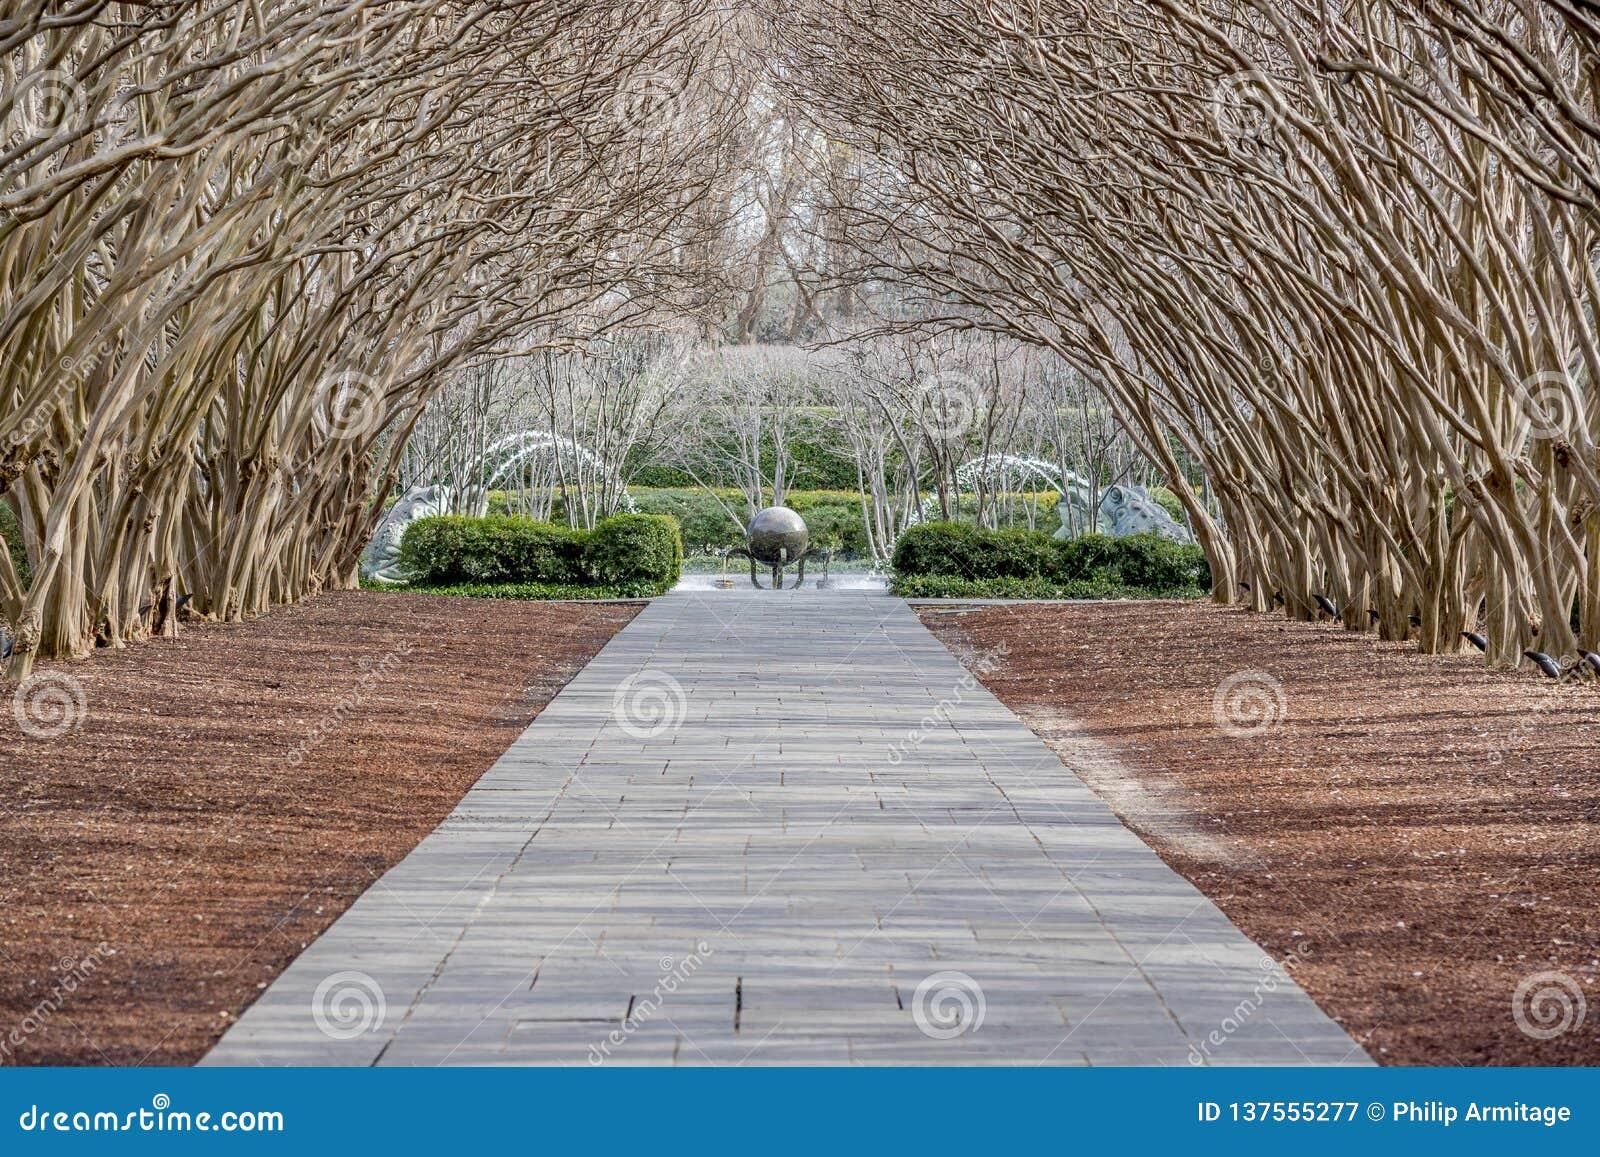 Dallas Arbitorium und botanischer Garten im Winter